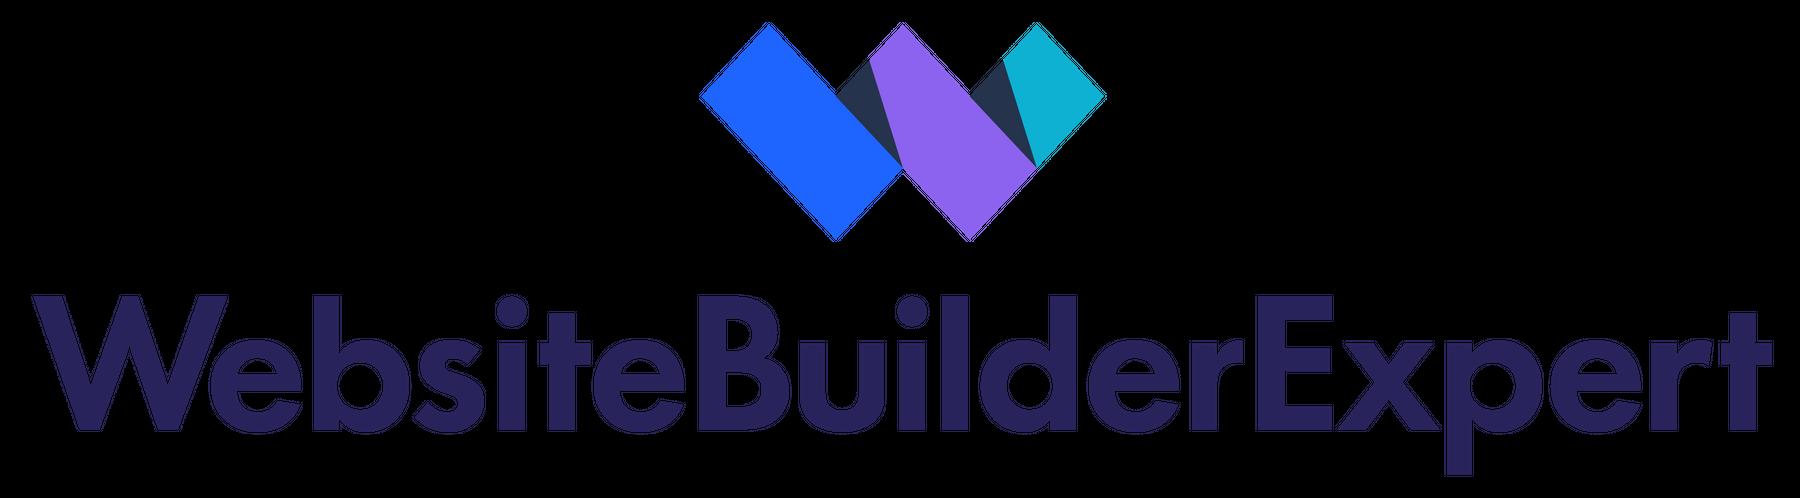 website builder expert full logo